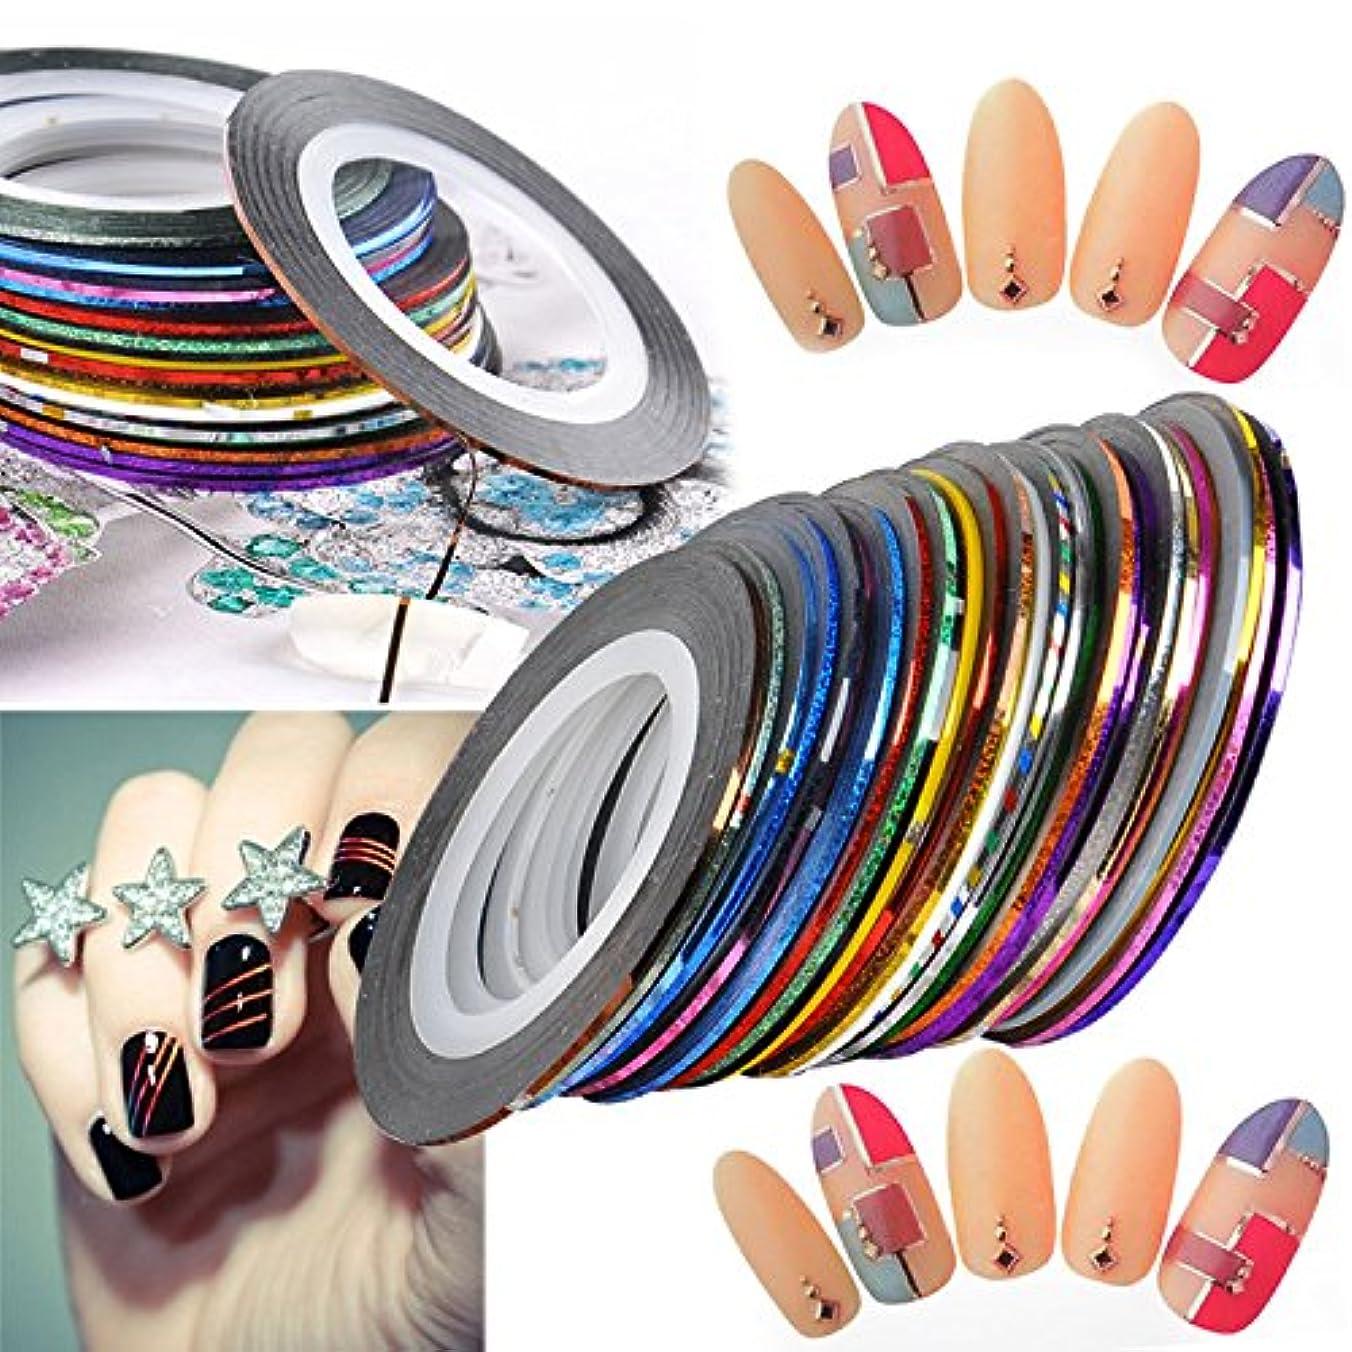 ブッシュドレス処分したネイルアート用 ラインテープ 爪 飾り用品 カラフル 綺麗 ラインアートテープ 30種セット